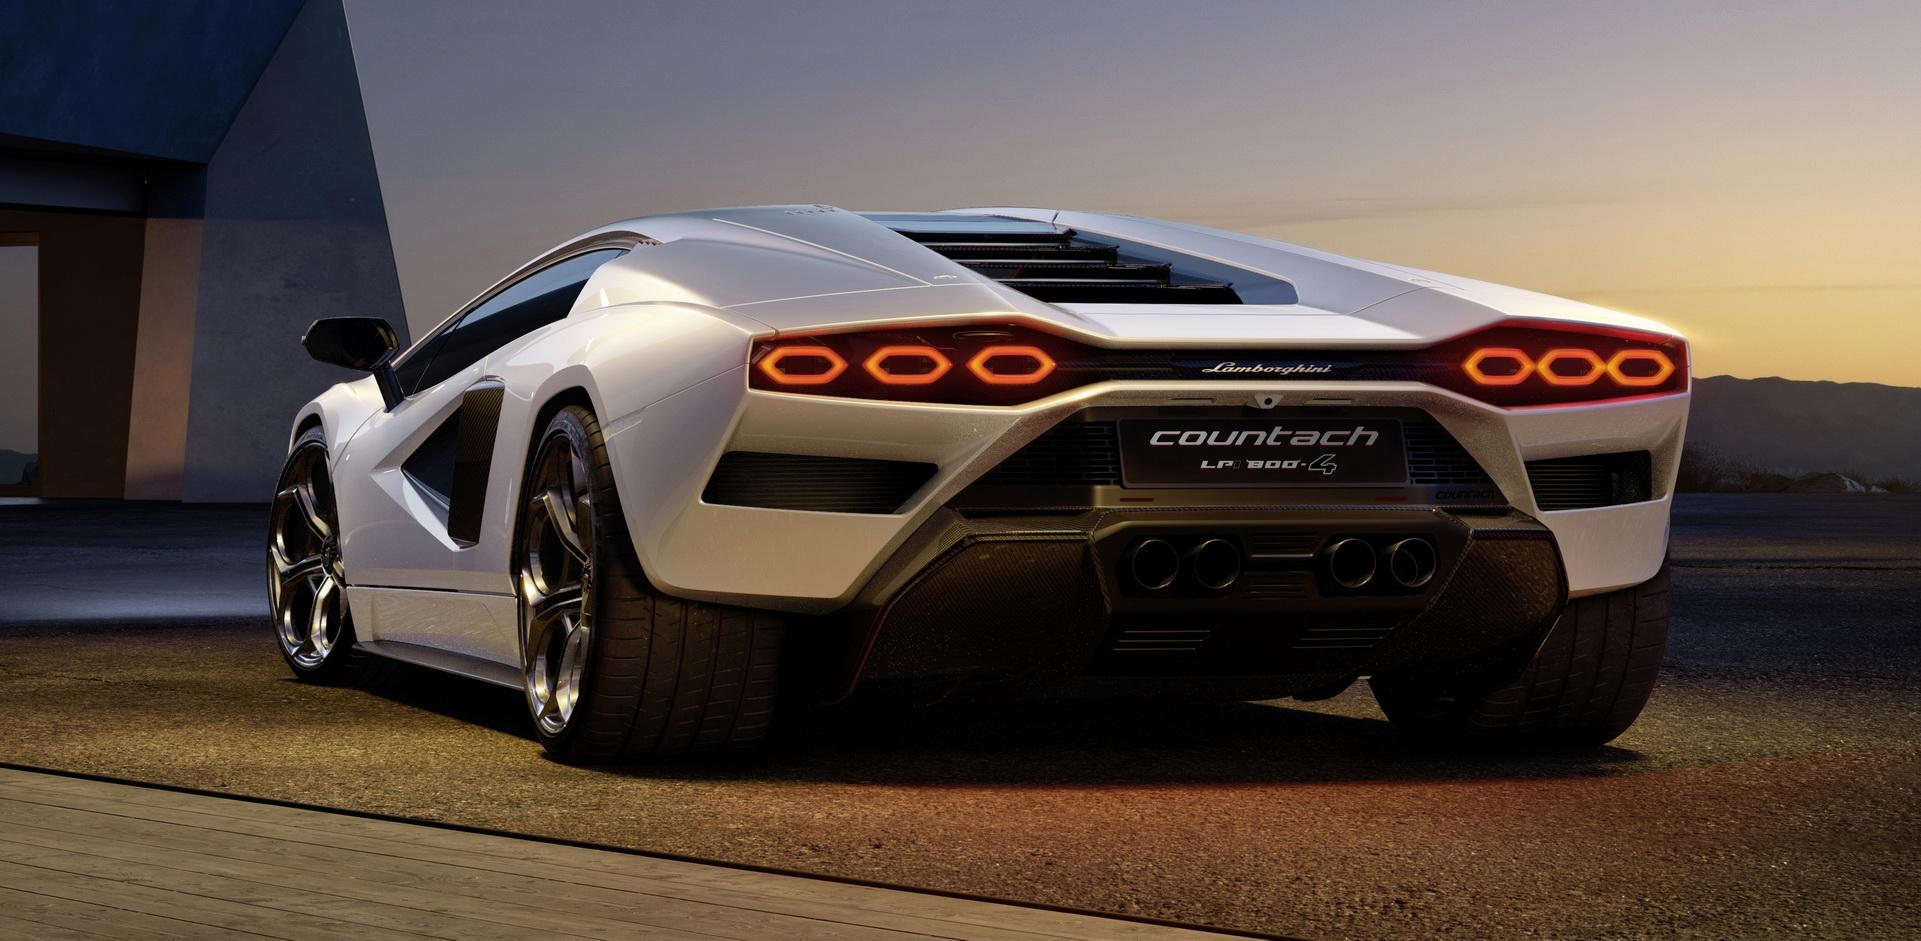 2022 Lamborghini Countach LPI 800-4 Rear Wallpapers (5)